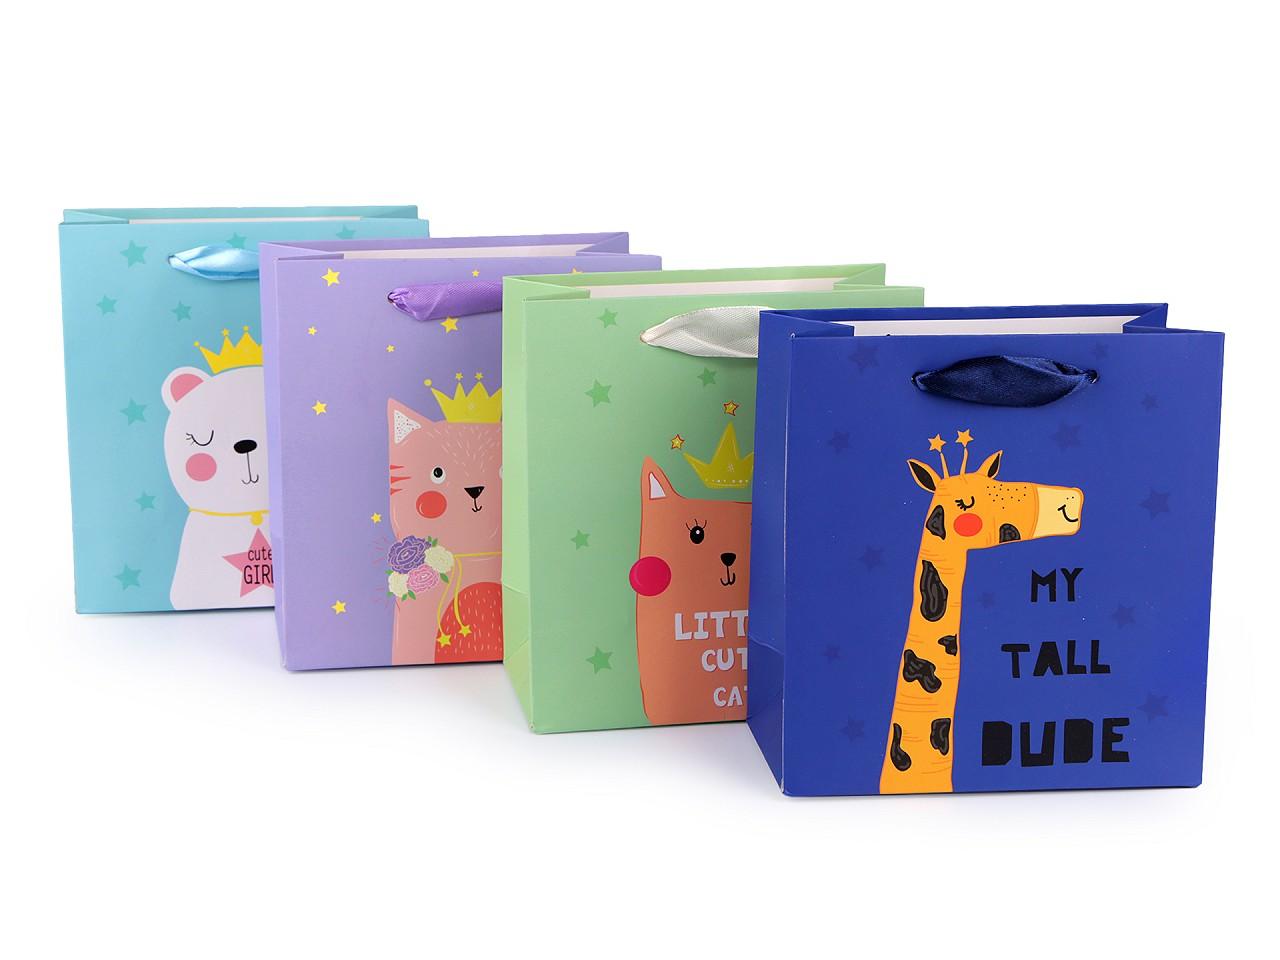 Dárková taška medvěd, kočka, žirafa, malá velikost, sada 4 ks 4 ks